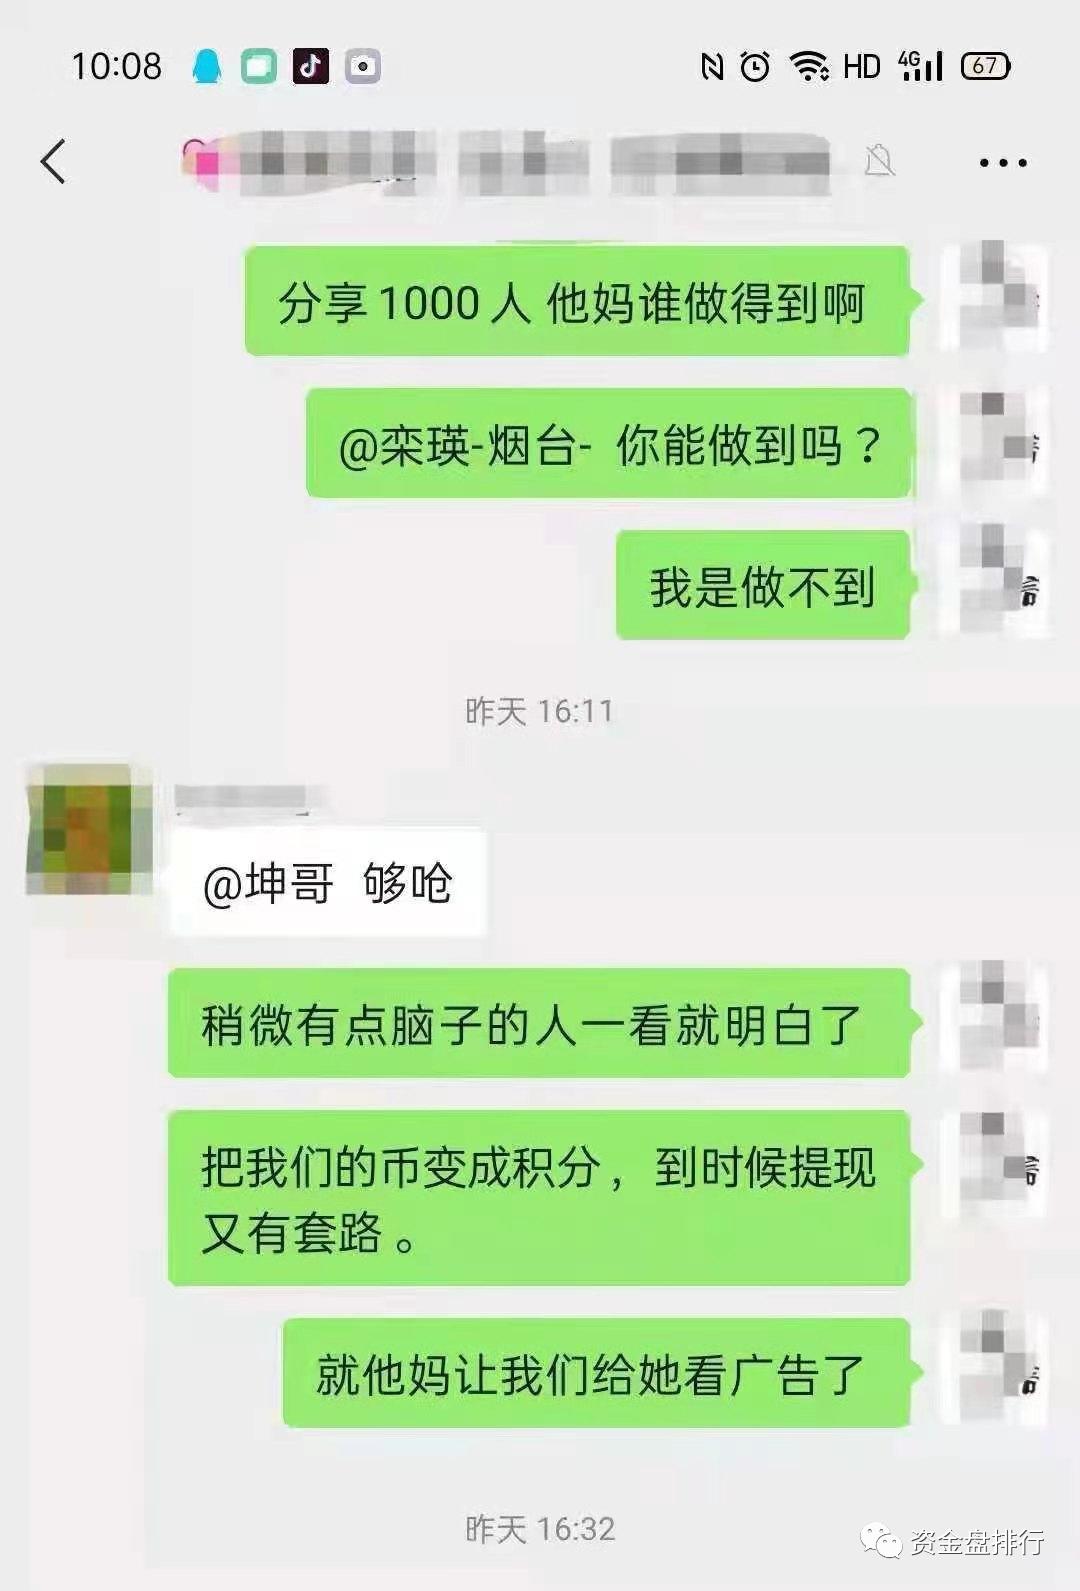 """【曝光】""""慈善币""""新项目刚启动,负责人就卷款跑路了!!!插图9"""